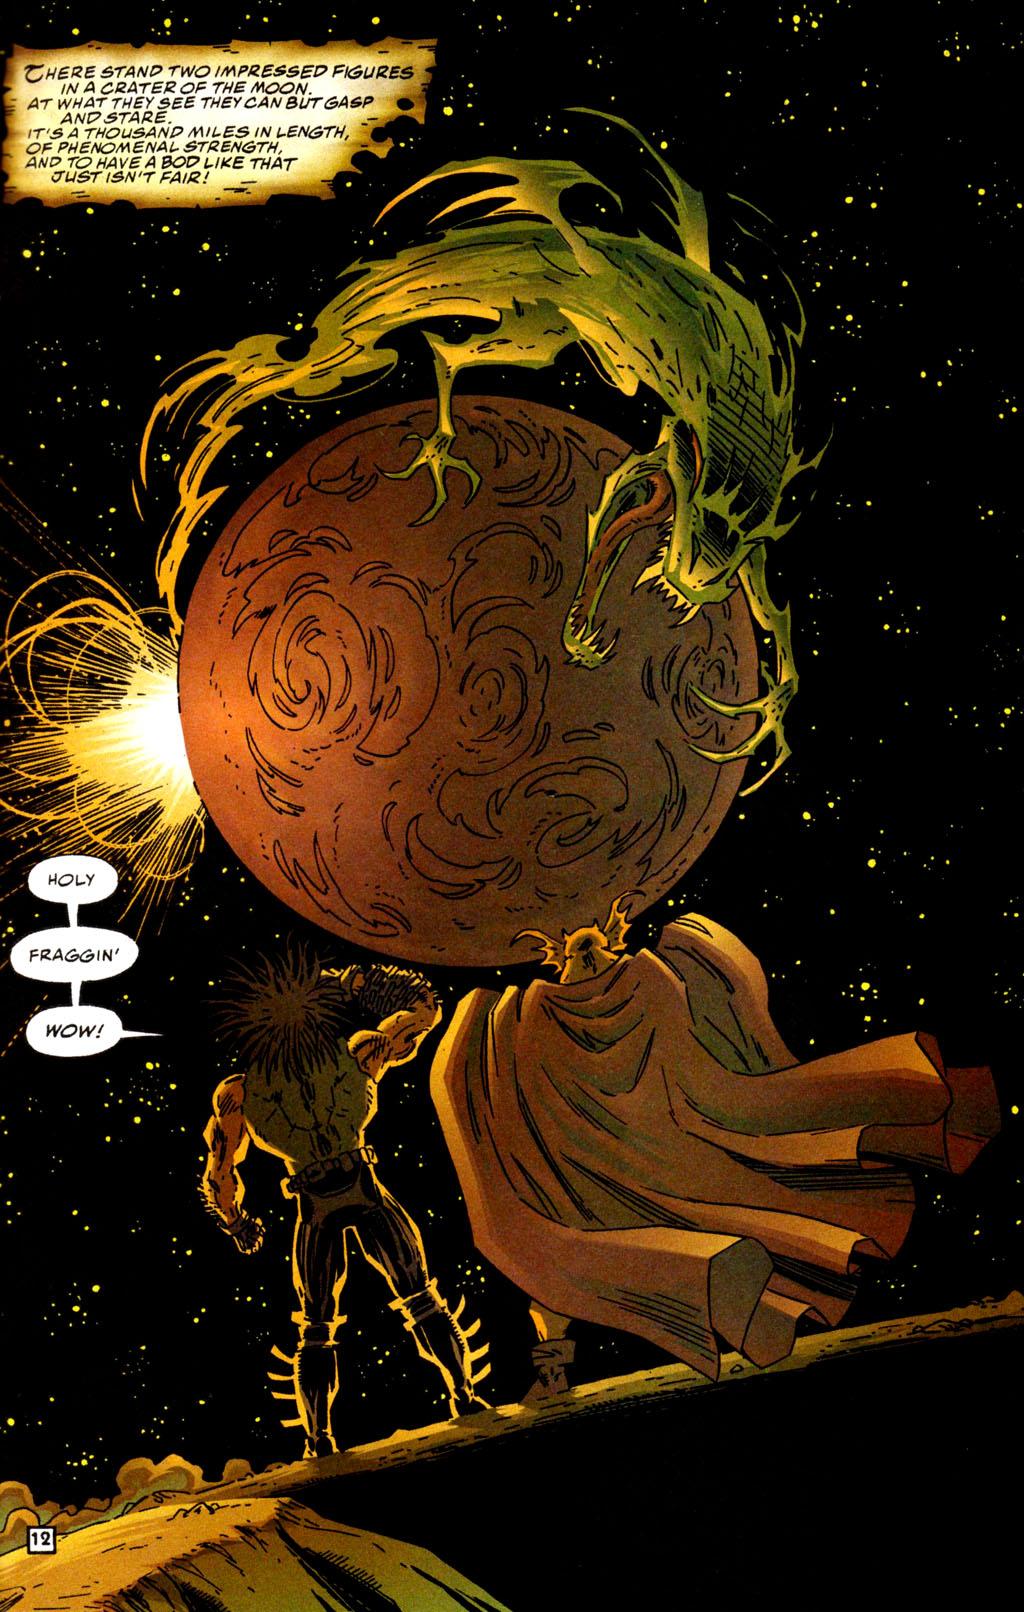 Read online Lobo/Demon: Hellowe'en comic -  Issue # Full - 13